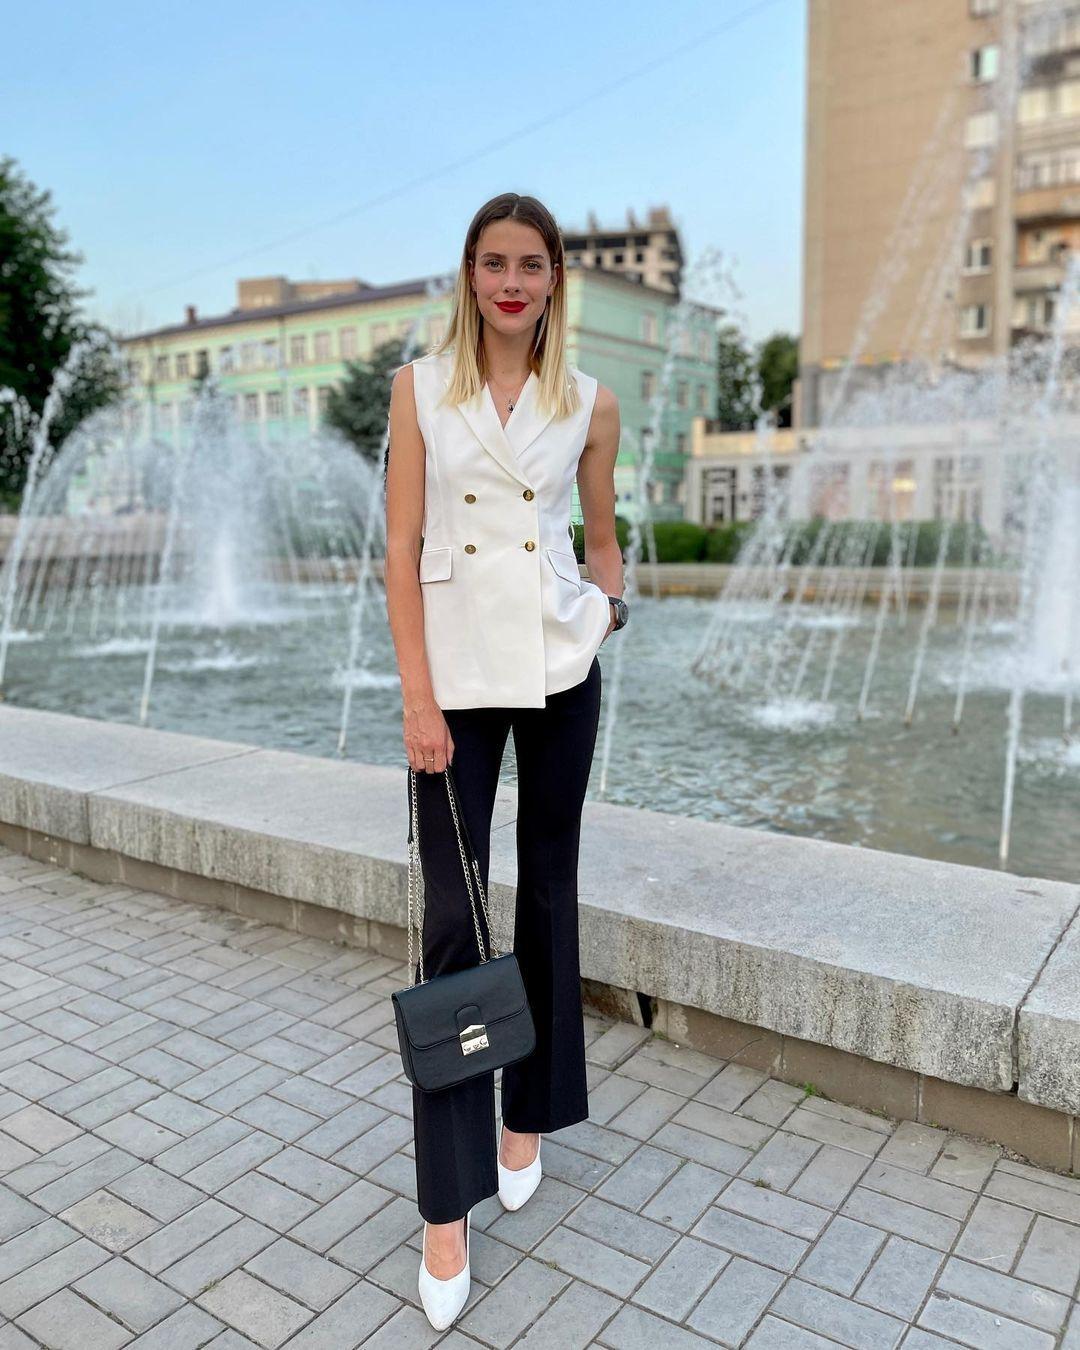 [东奥正妹]乌克兰跳高美少女刷新世界纪录 修长美腿有着绝对优势 养眼图片 第7张